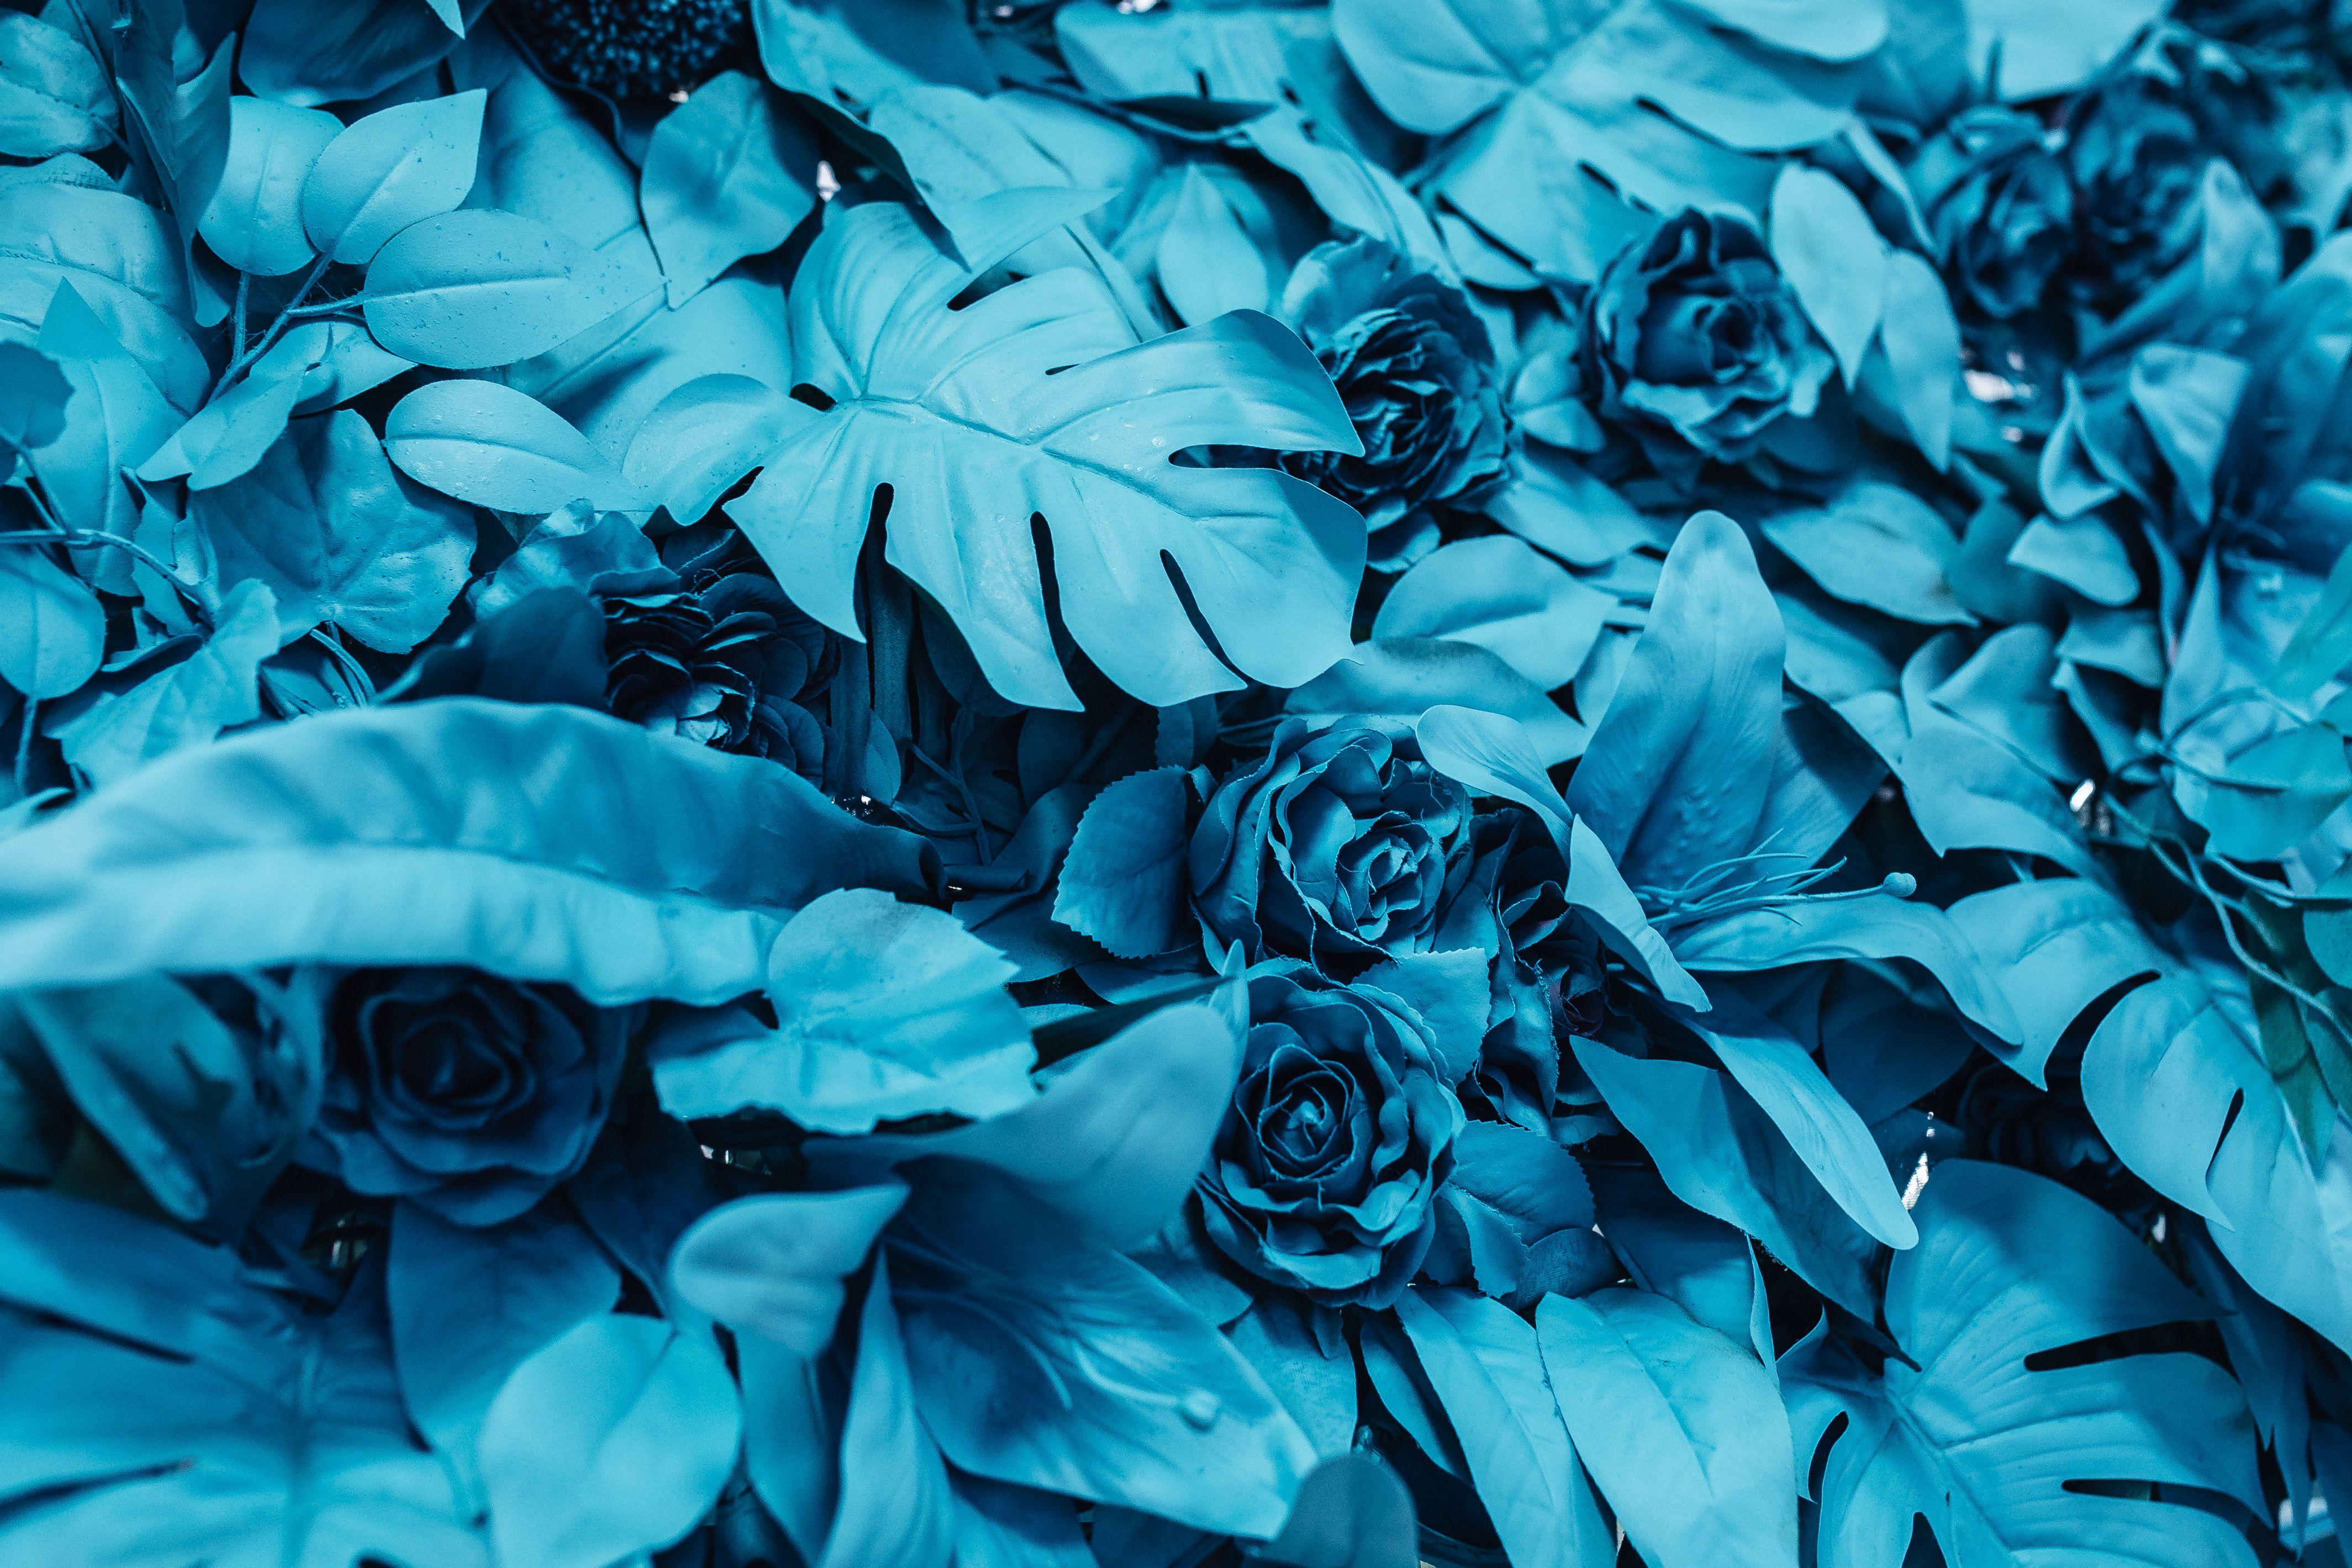 74563 обои 1080x2400 на телефон бесплатно, скачать картинки Голубой, Розы, Цветы, Листья, Краска 1080x2400 на мобильный